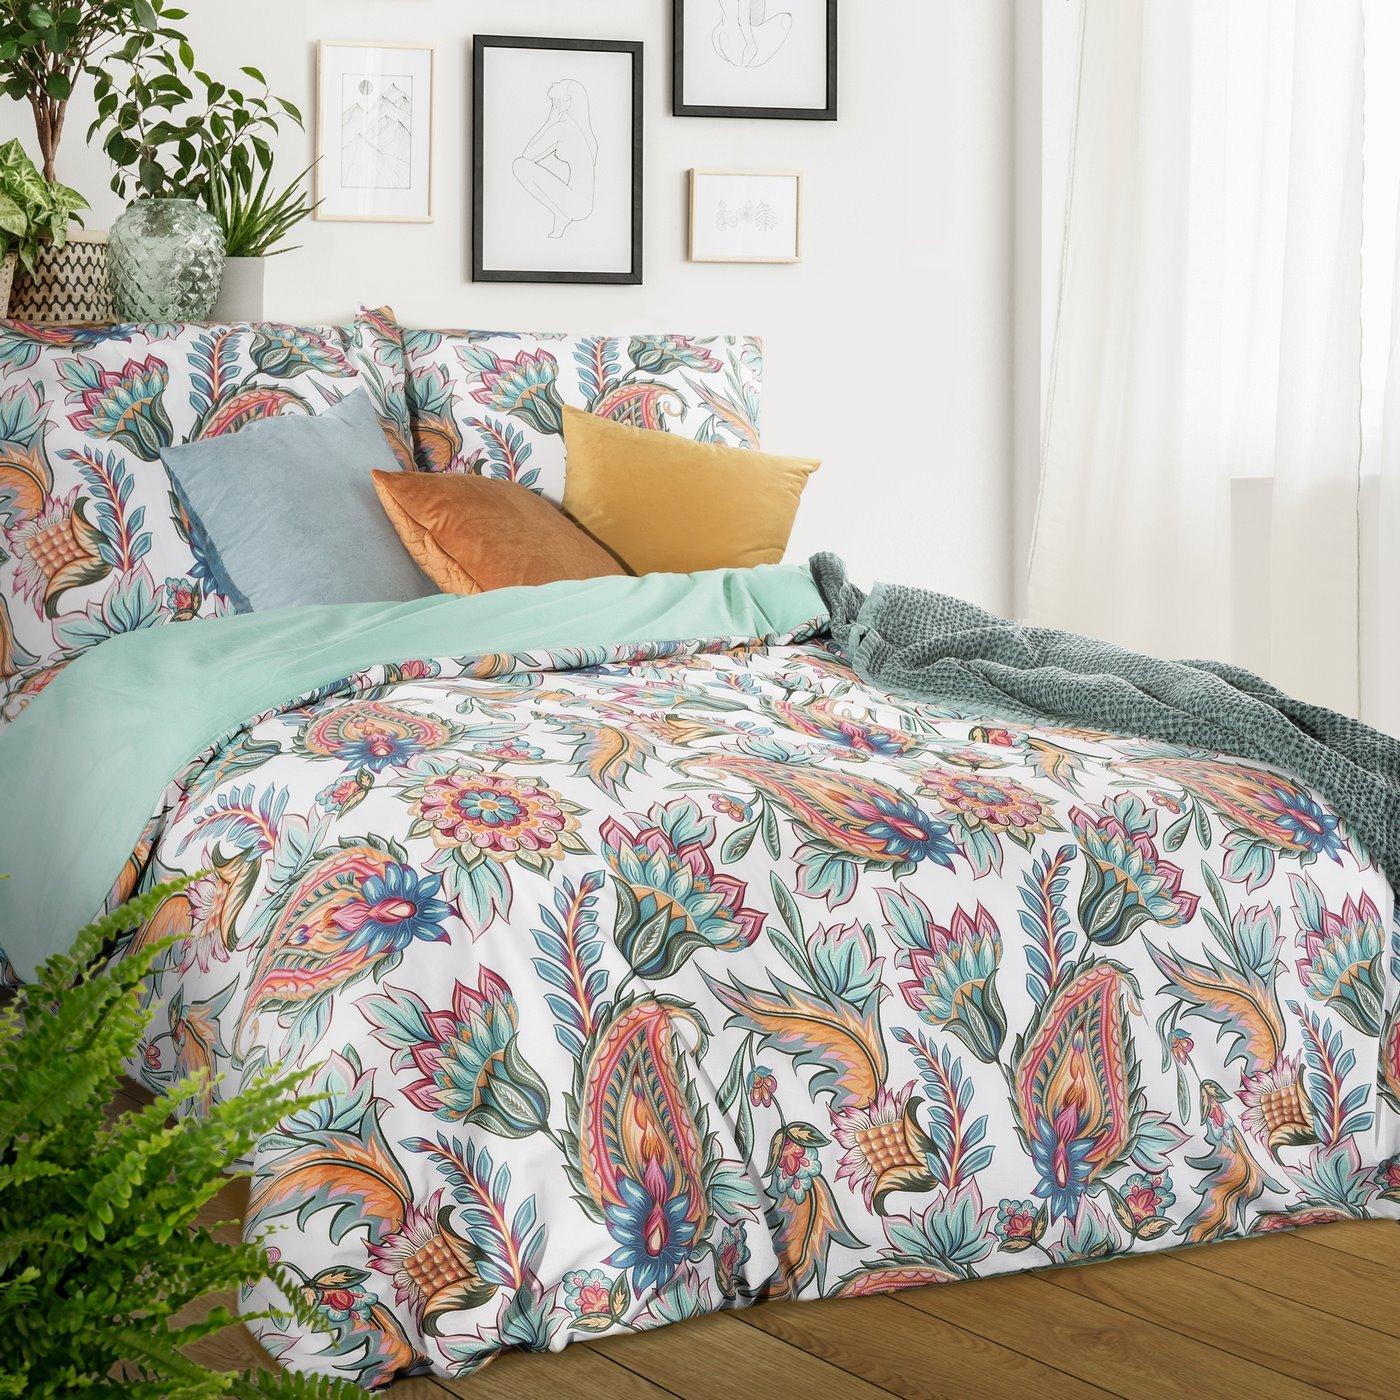 Komplet pościeli bawełnianej 160 x 200 cm, 2 szt. 70 x 80 styl boho bawełna hiszpańska